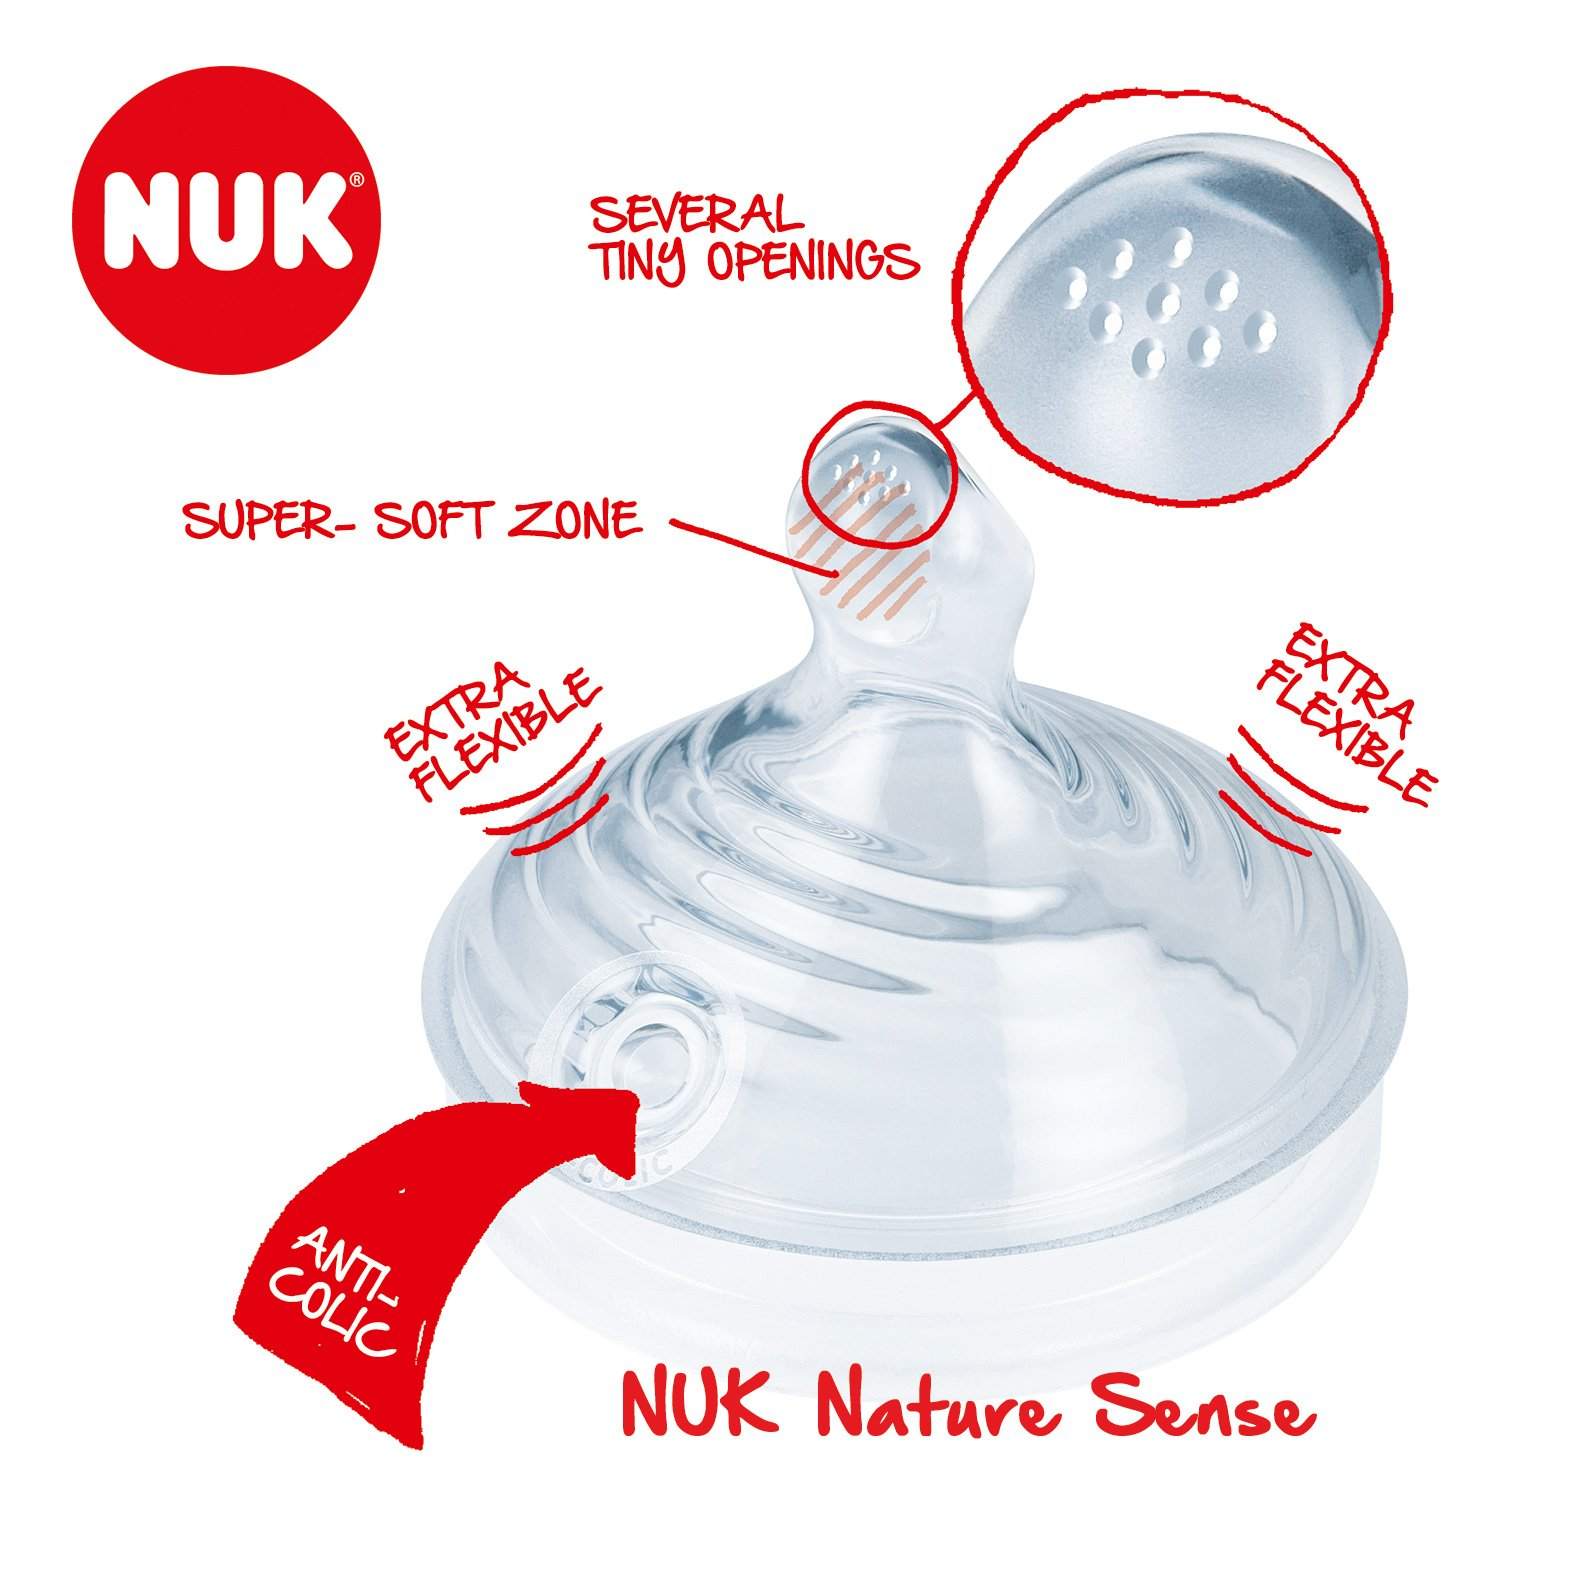 NUK Nature Sense 5